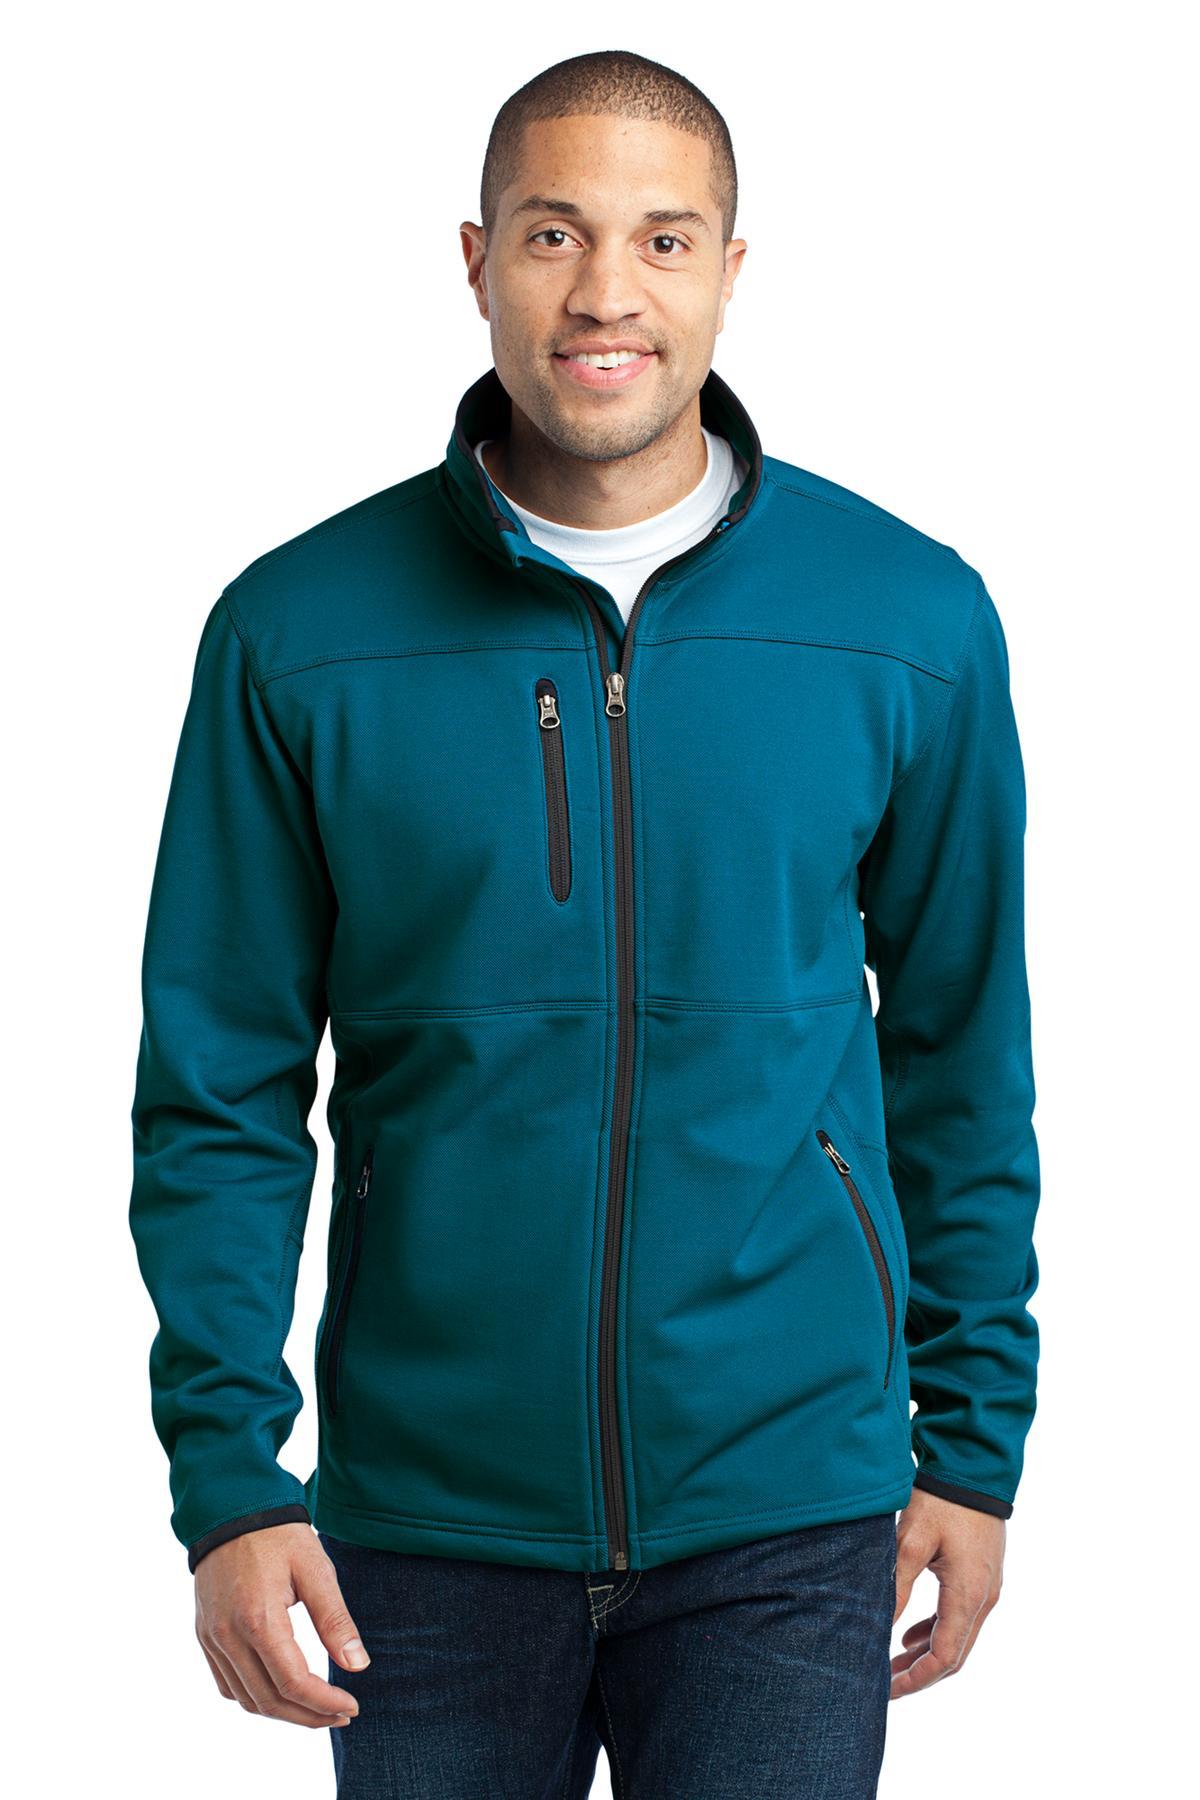 Outerwear-Polyester-Fleece-25